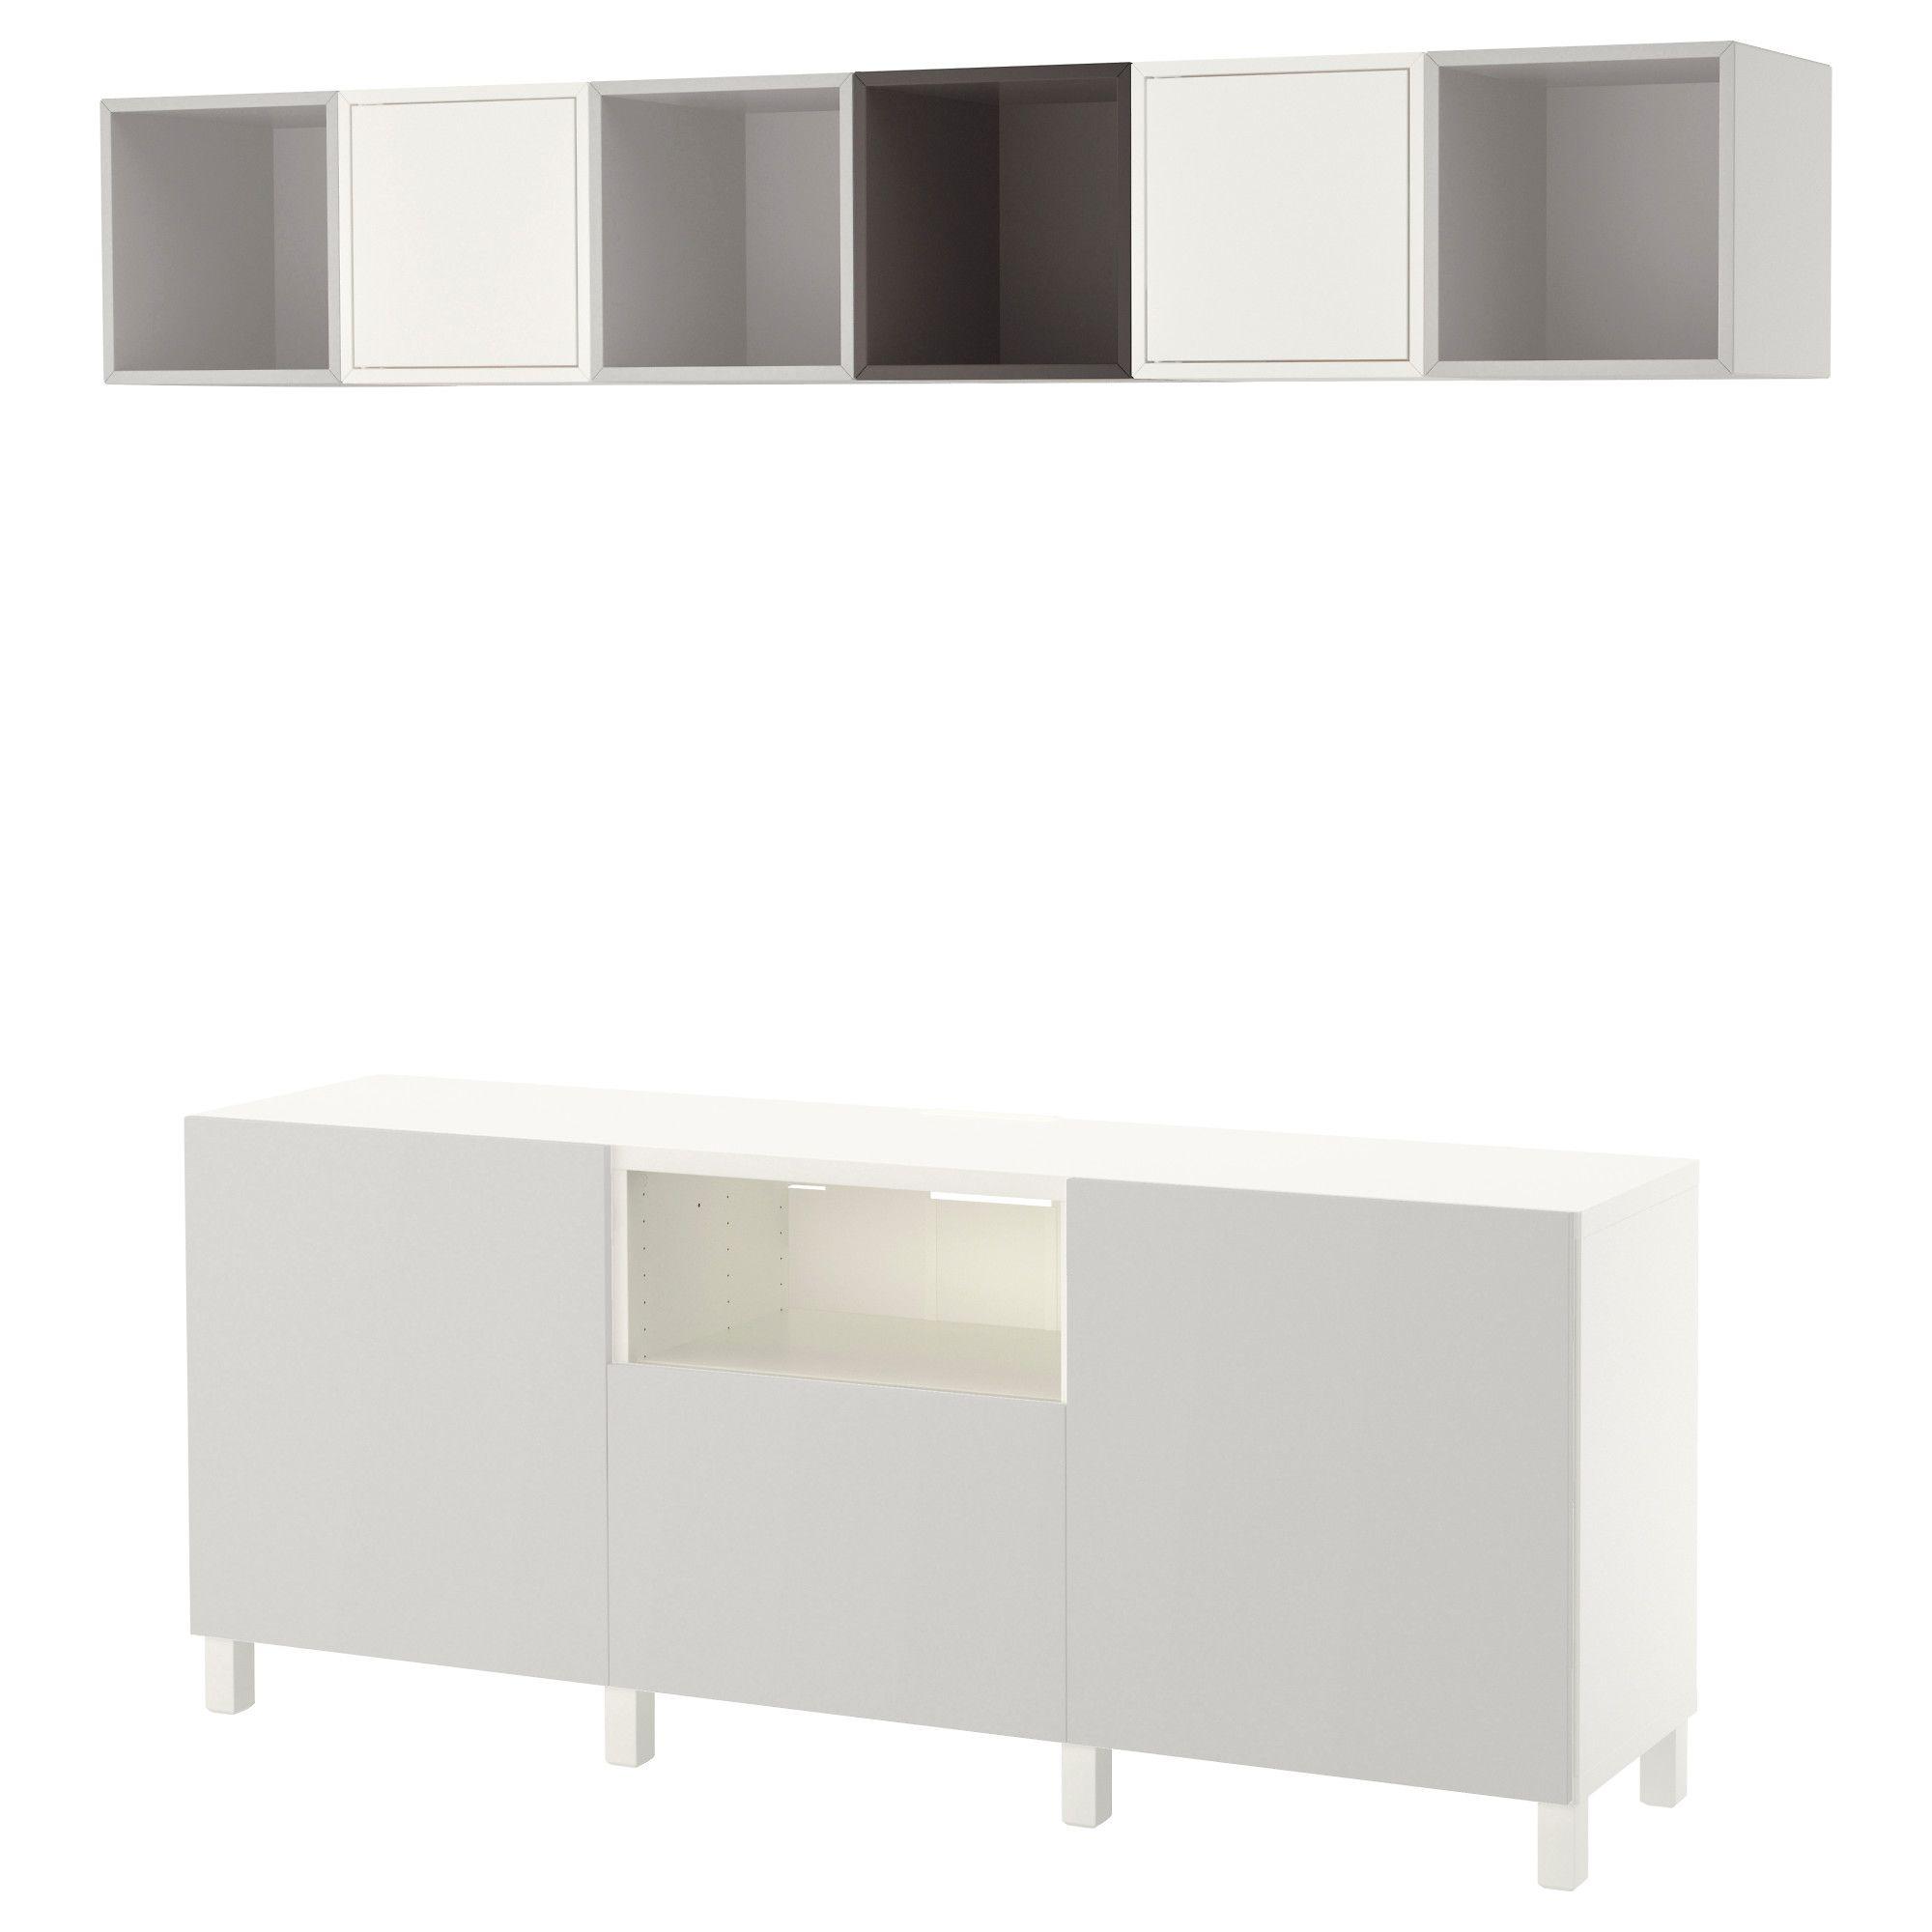 schrank kombination tisch regal kombination bild das wirklich wunderschne tisch regal. Black Bedroom Furniture Sets. Home Design Ideas